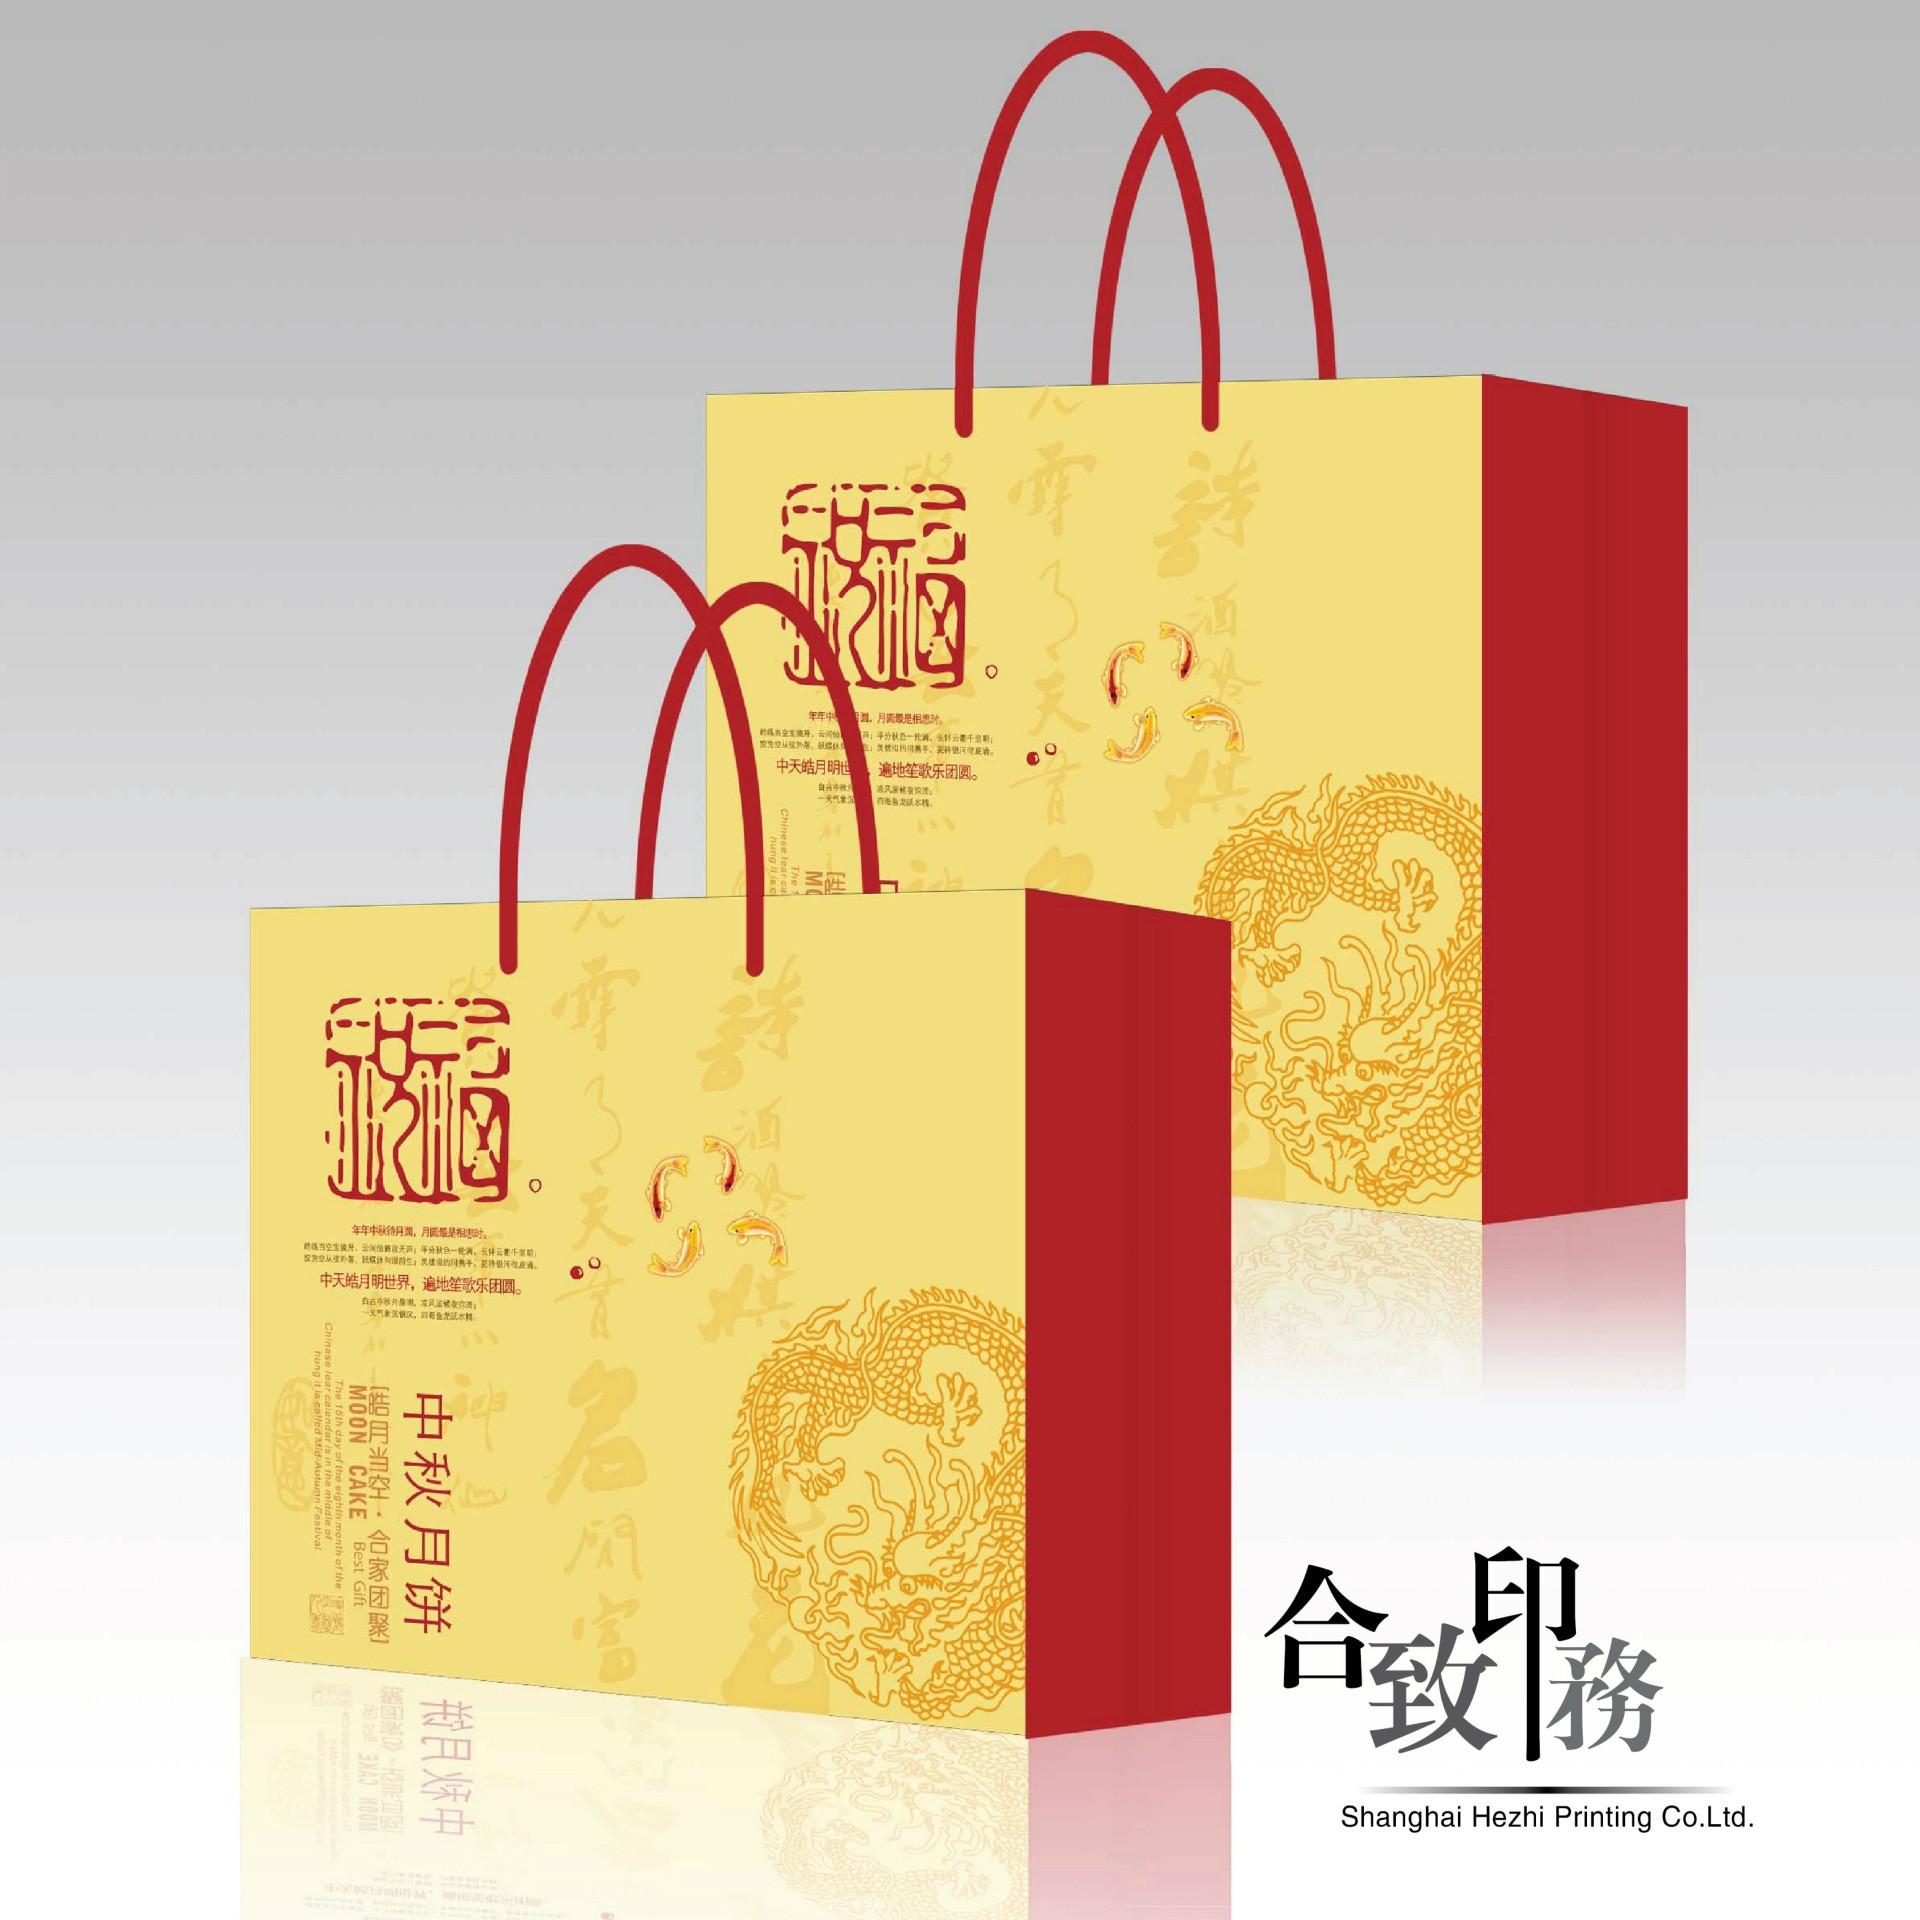 彩色手提袋印刷高档红酒纸袋订做纸质食品拎袋定做宣传广告礼品袋